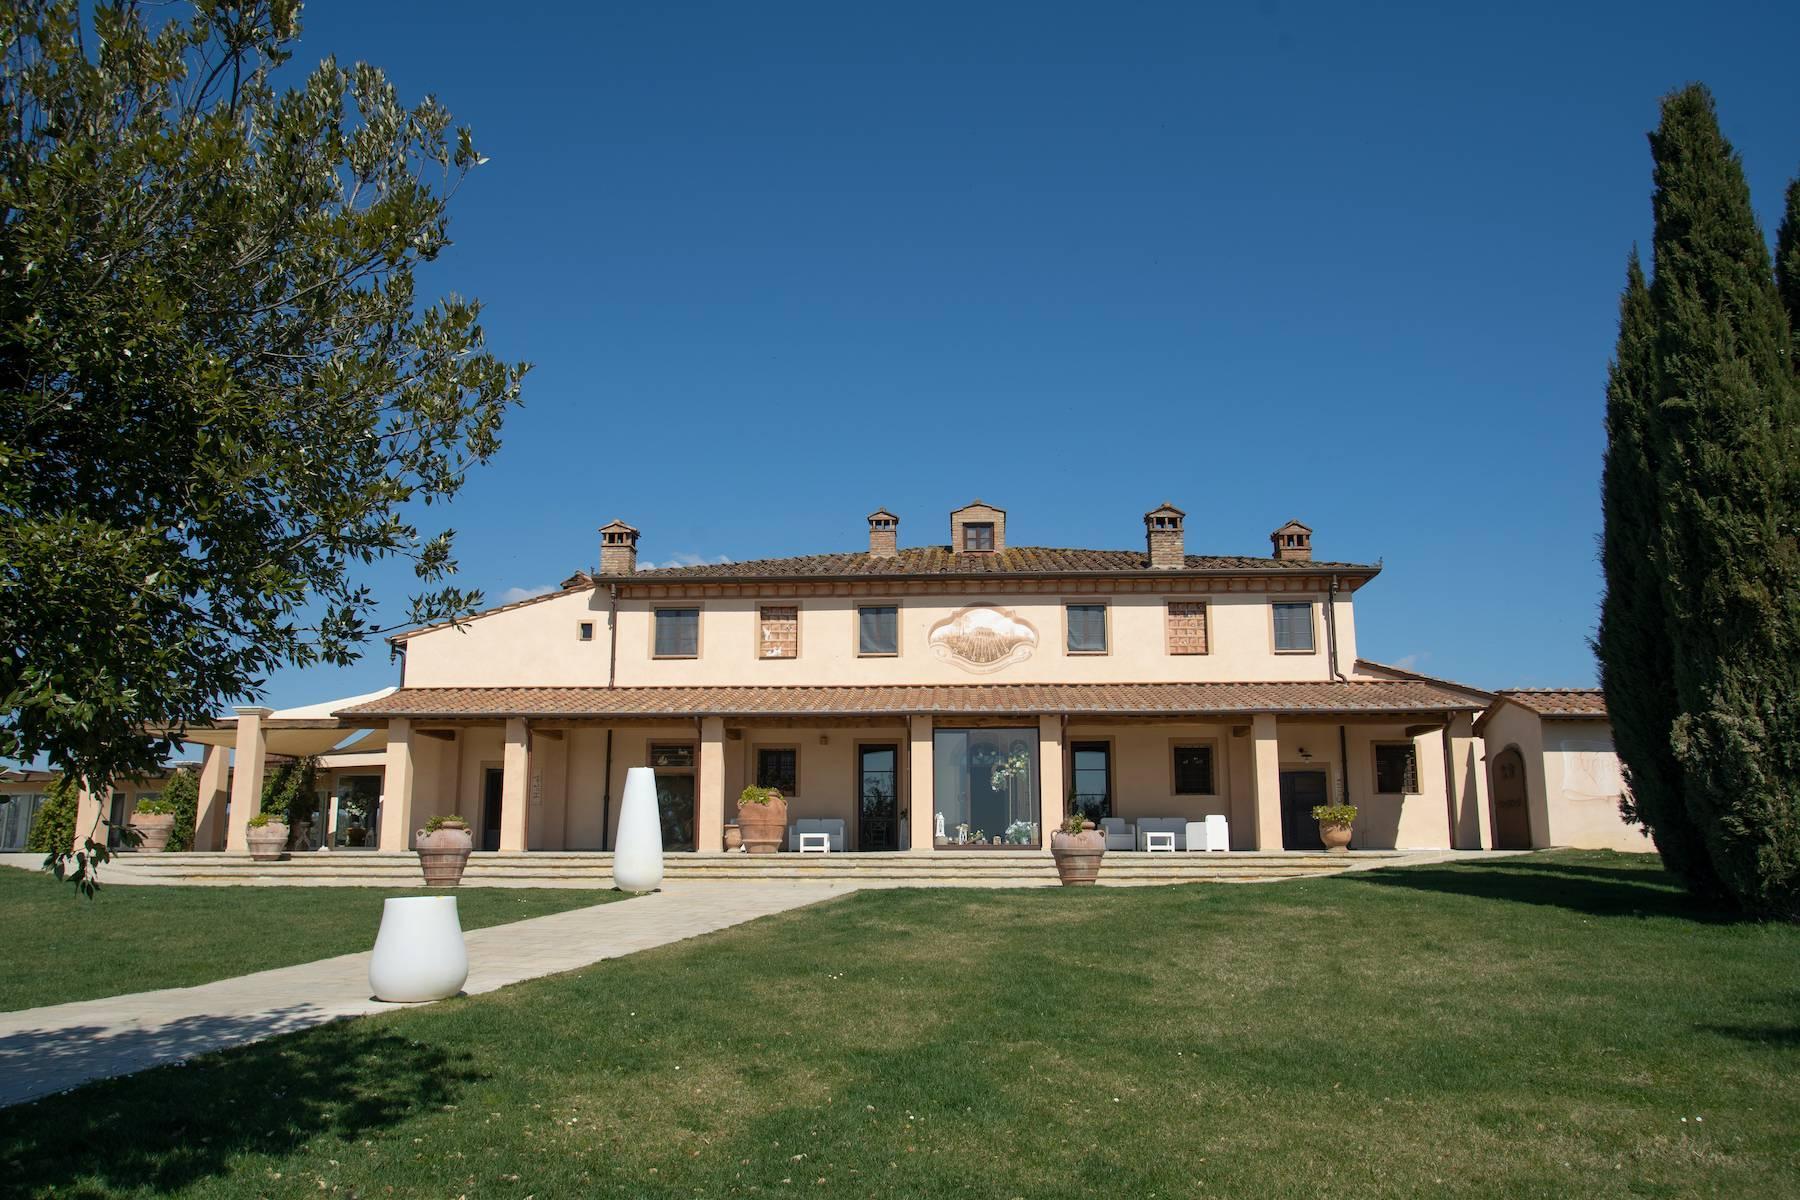 Wunderschönes Anwesen mit 202 Hektar Land im Herzen der Toskana - 11